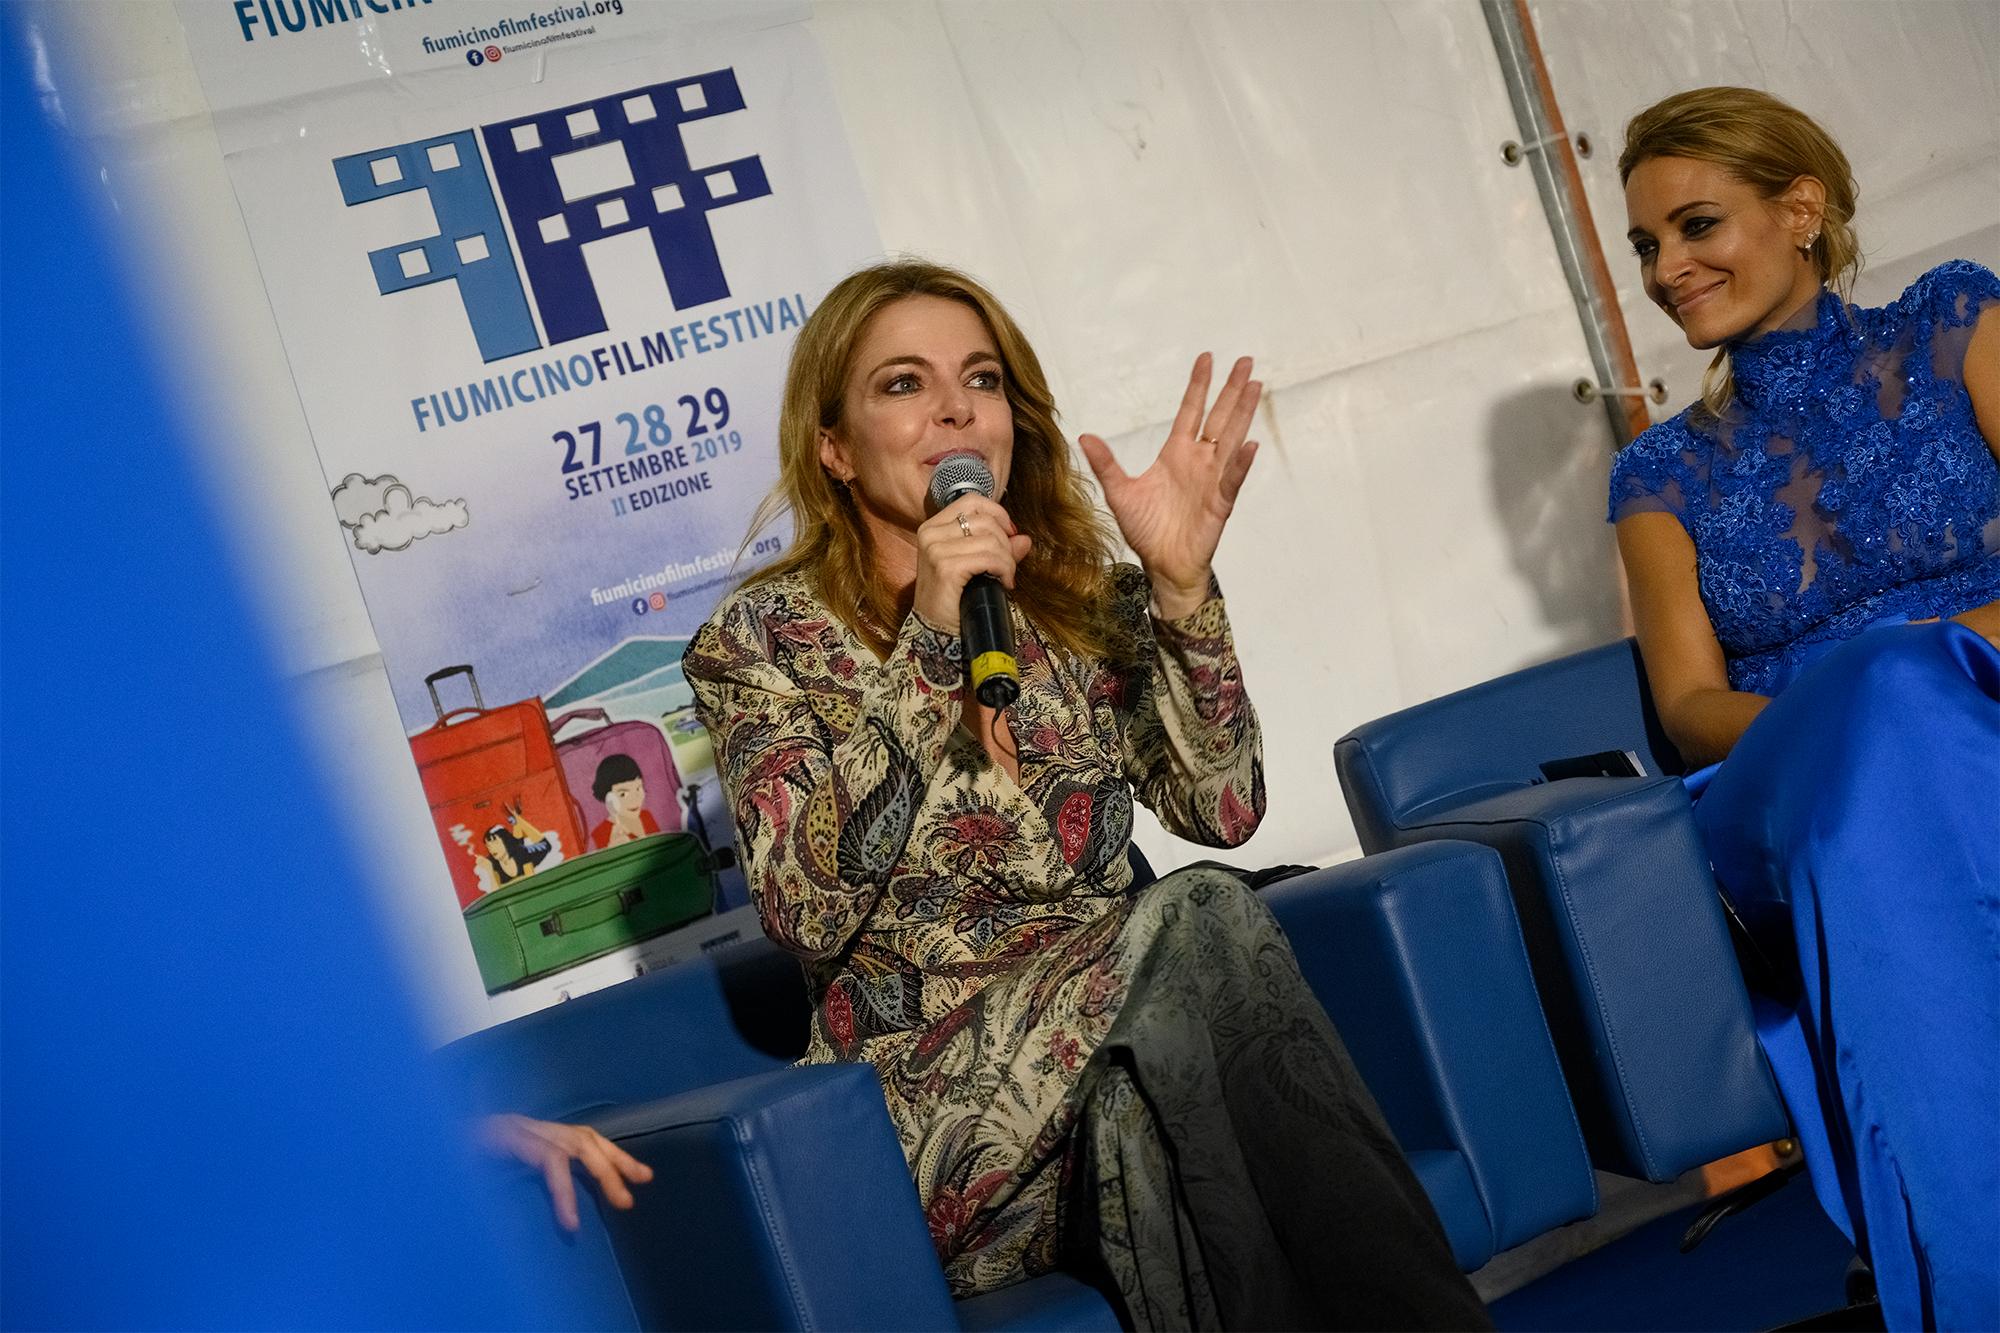 fiumicino film festival